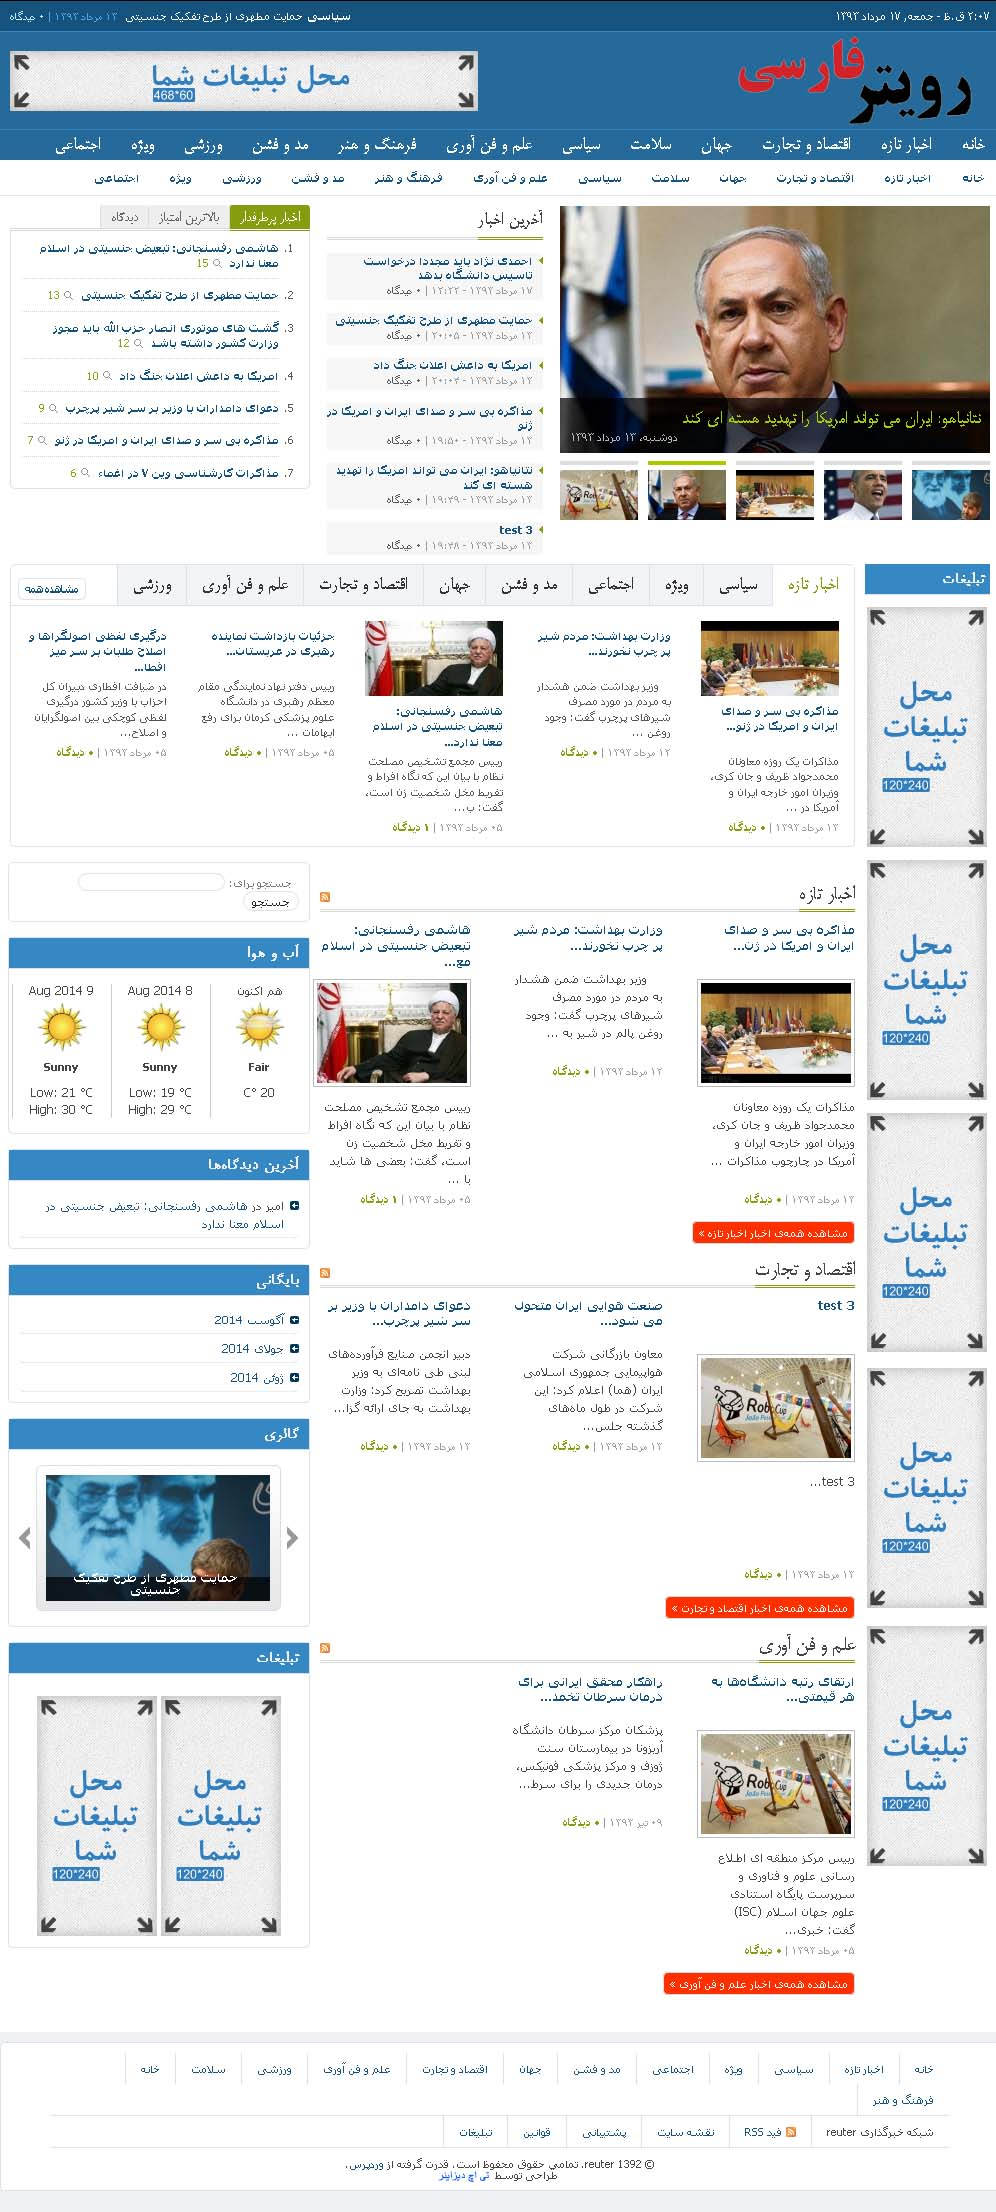 قالب وب سایت رویتر فارسی